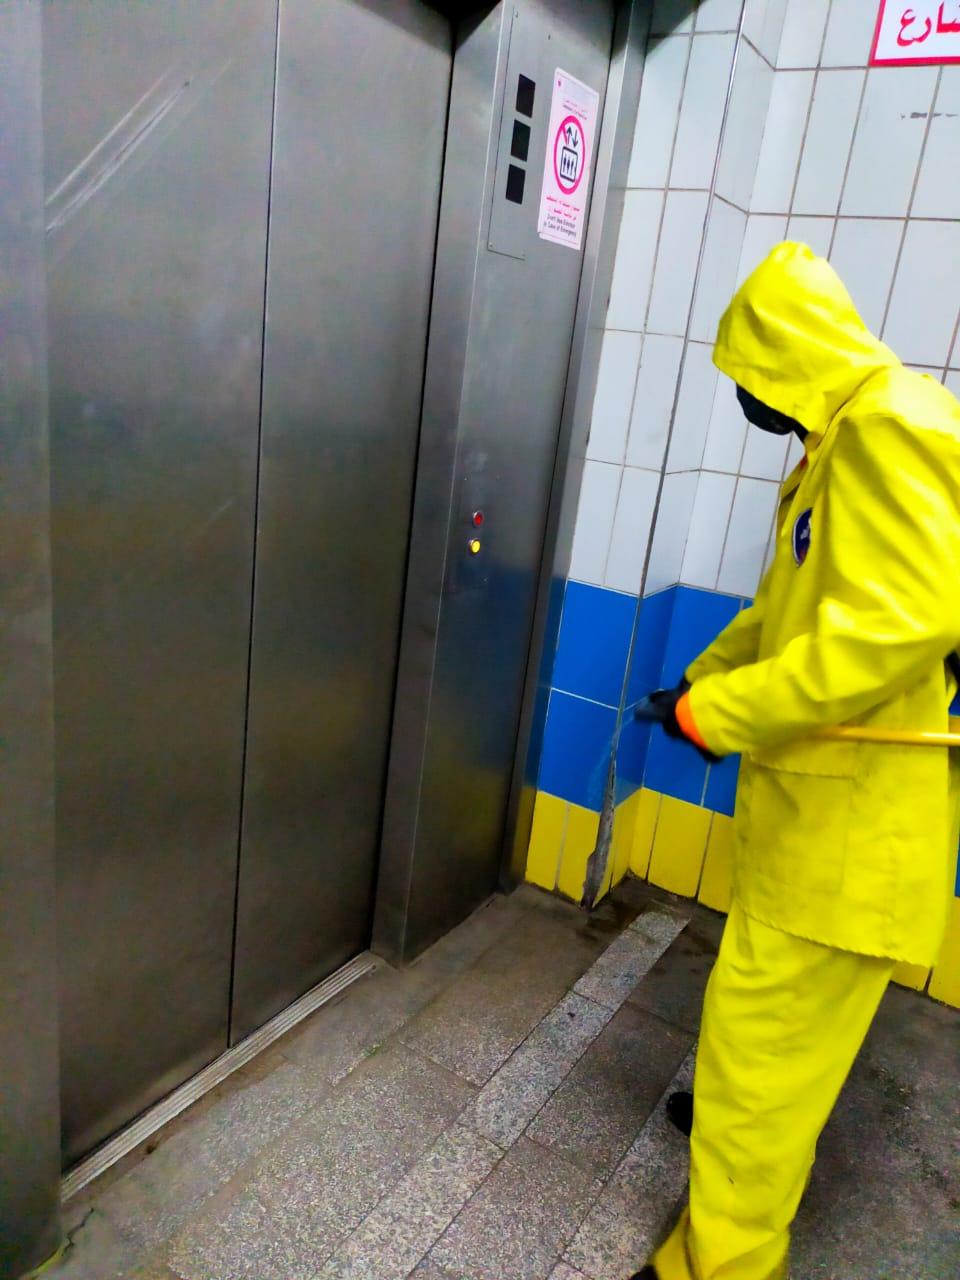 شركة المترو تواصل تطهير وتعقيم المحطات والقطارات